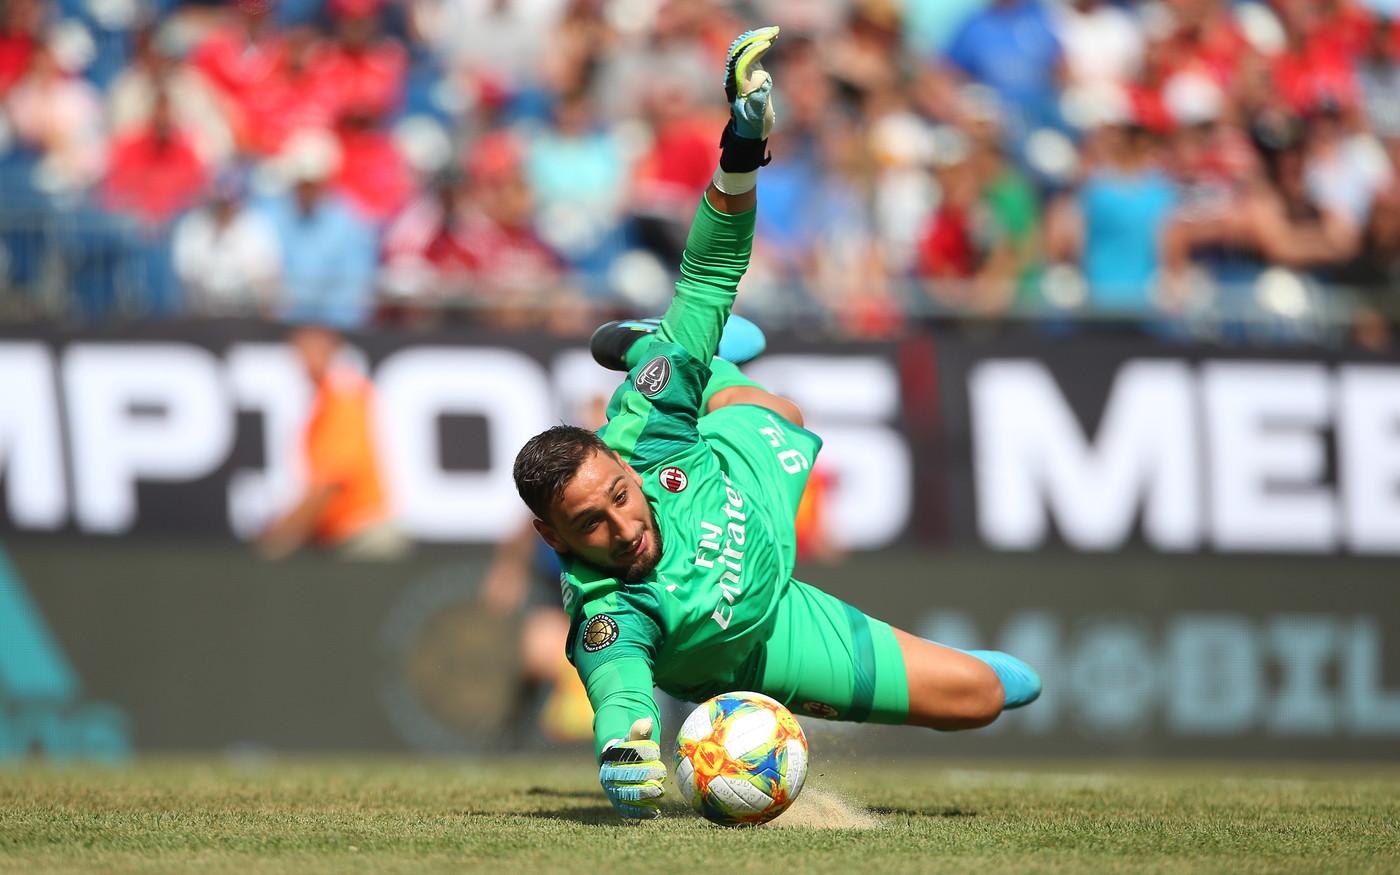 Nella seconda gara di ICC, il Milan perde 1-0 contro il Benfica. I rossoneri giocano bene, ma non riescono a trovare la via del gol anche per un pizzi...